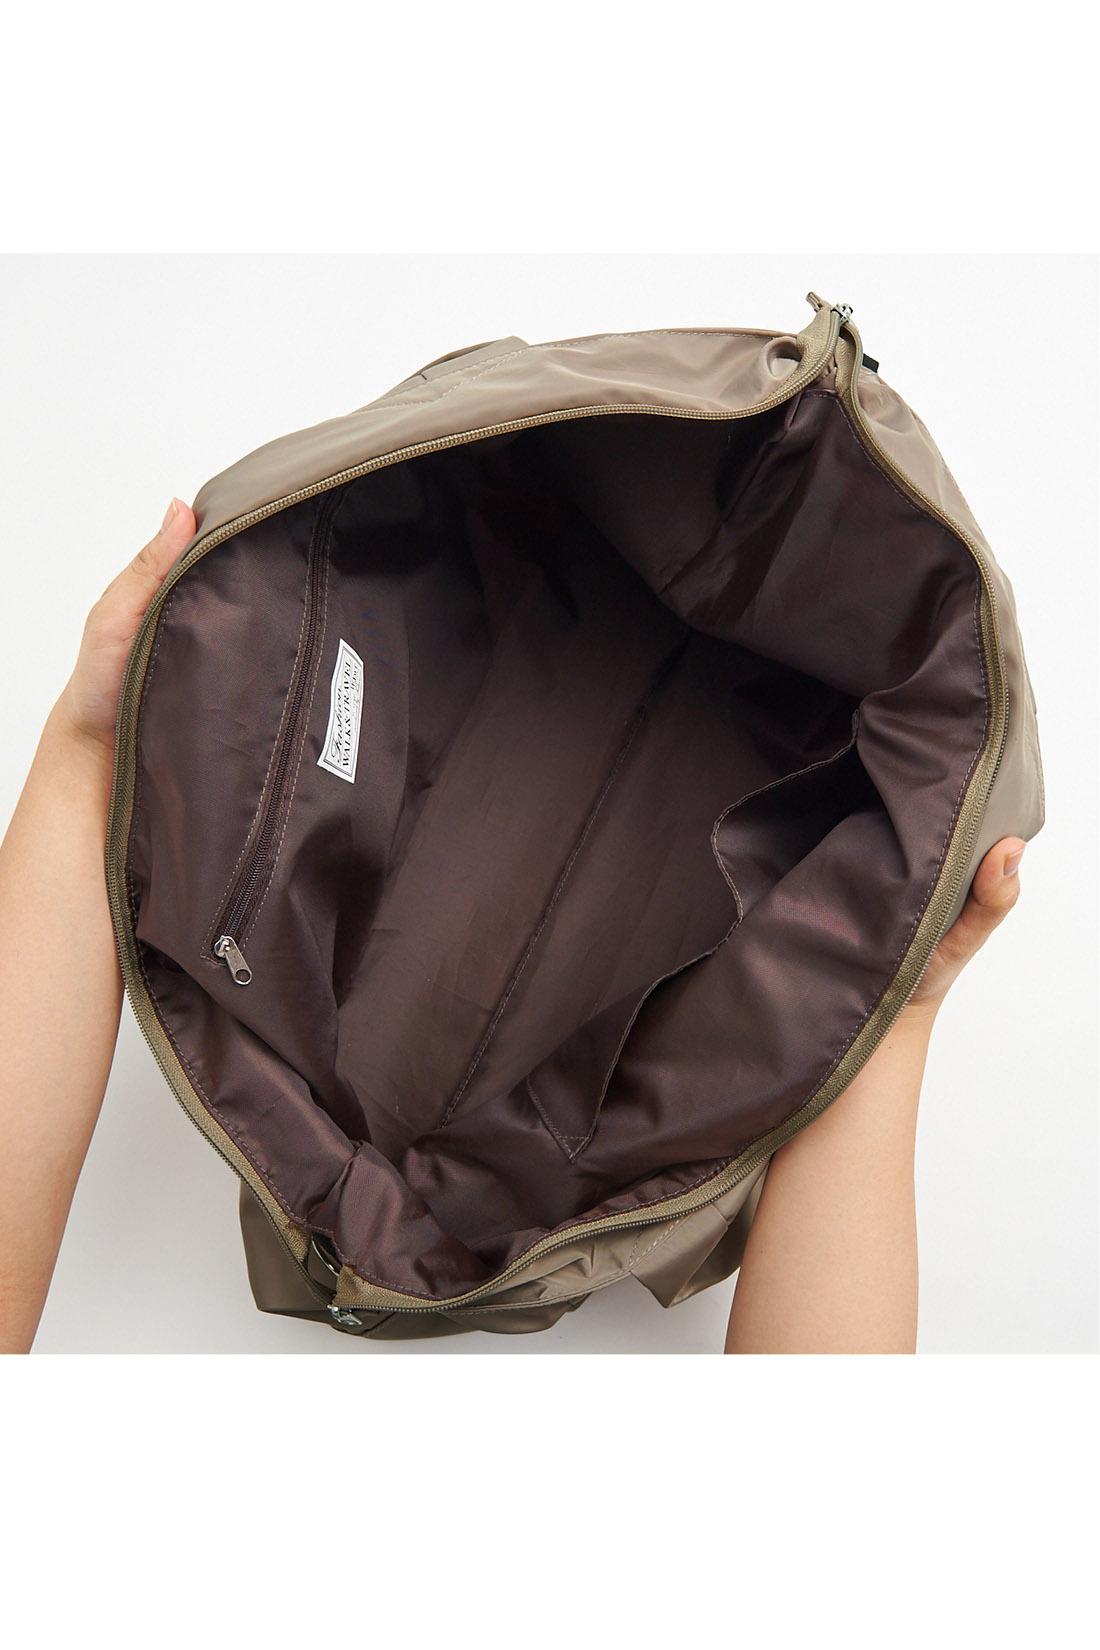 ファスナーポケットと便利な小分けポケットを装備。ざっくり入れて出し入れしやすく、まち幅もたっぷり。 ※お届けするカラーとは異なります。